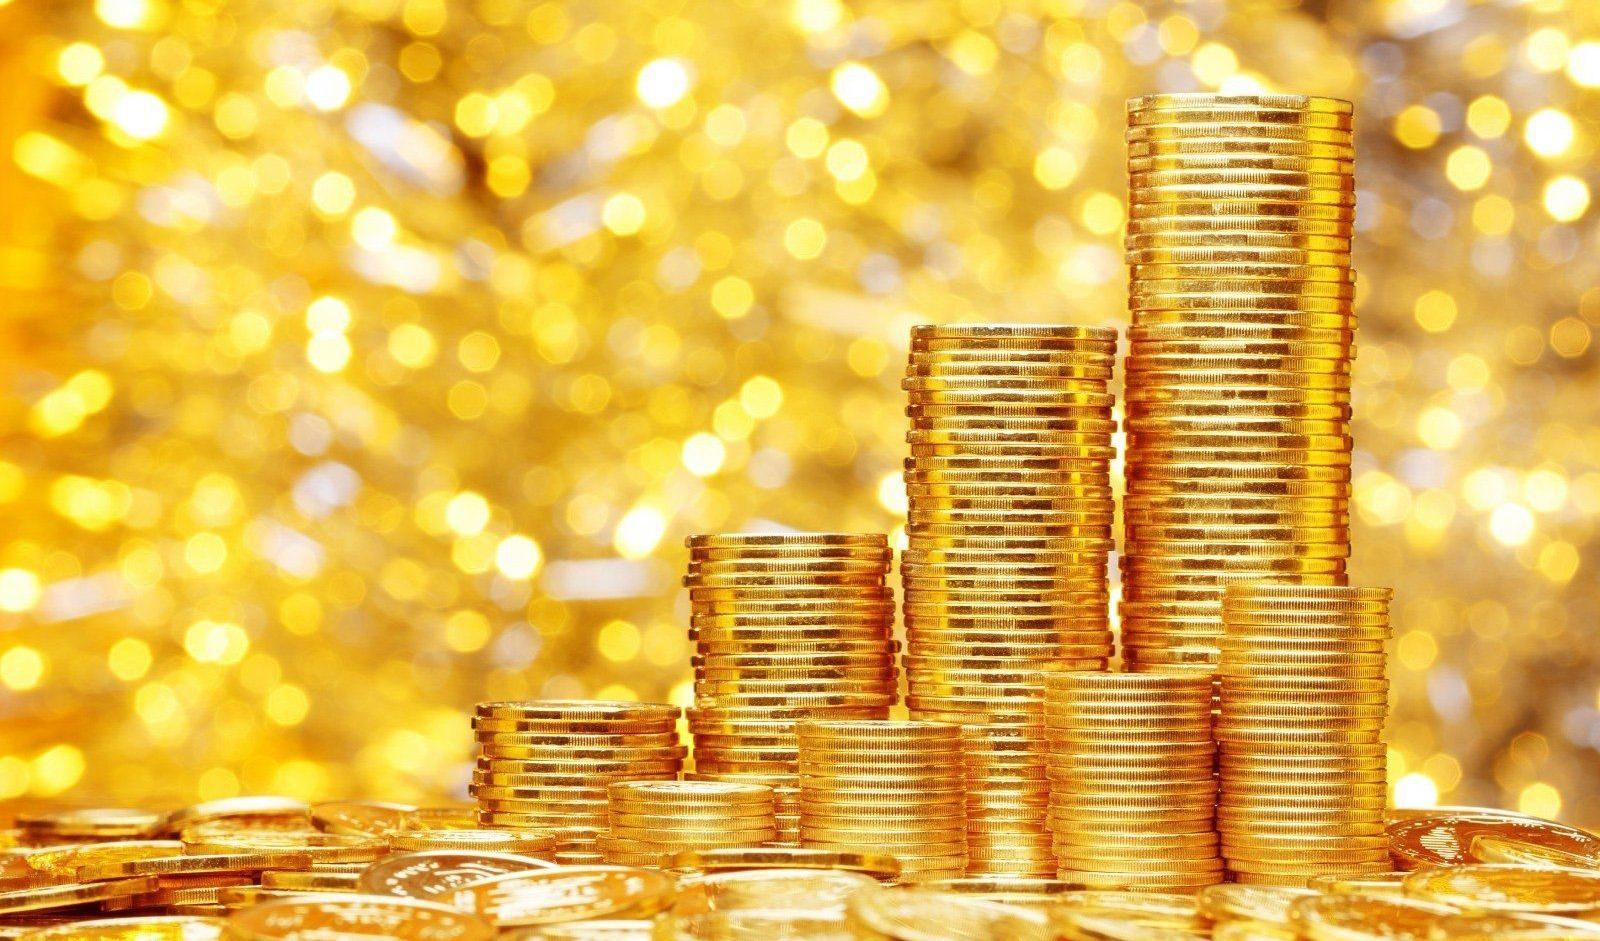 نرخ سکه و طلا در ۸ فروردین/ سکه تمام بهار آزادی به قیمت ۶ میلیون و ۱۰۰ هزار تومان رسید